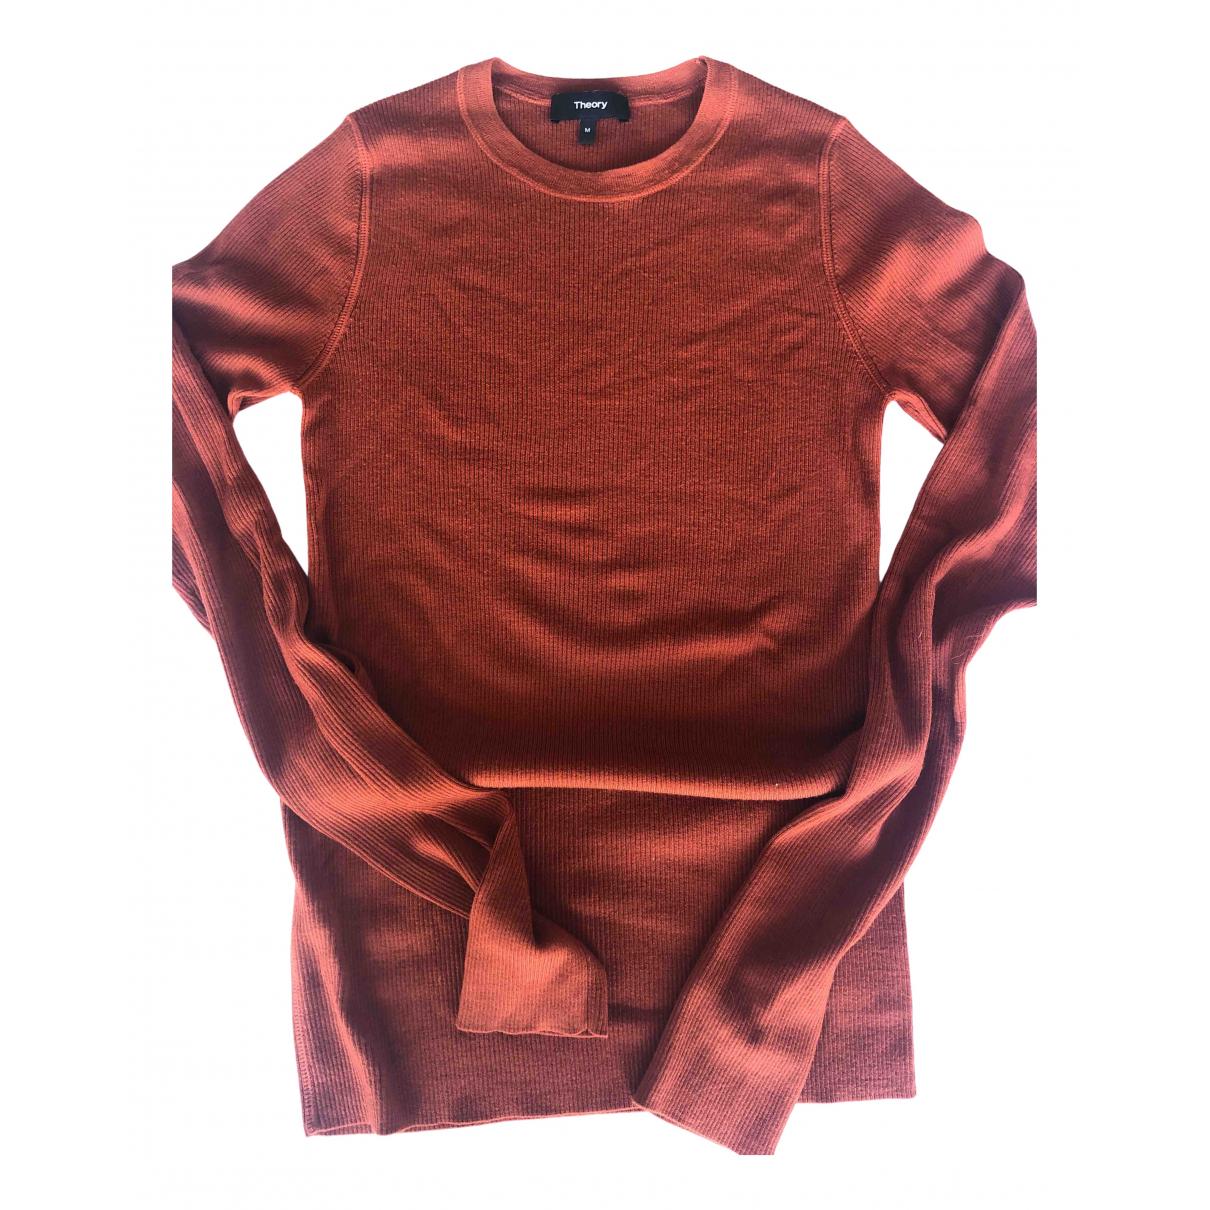 Theory - Pull   pour femme en laine - marron